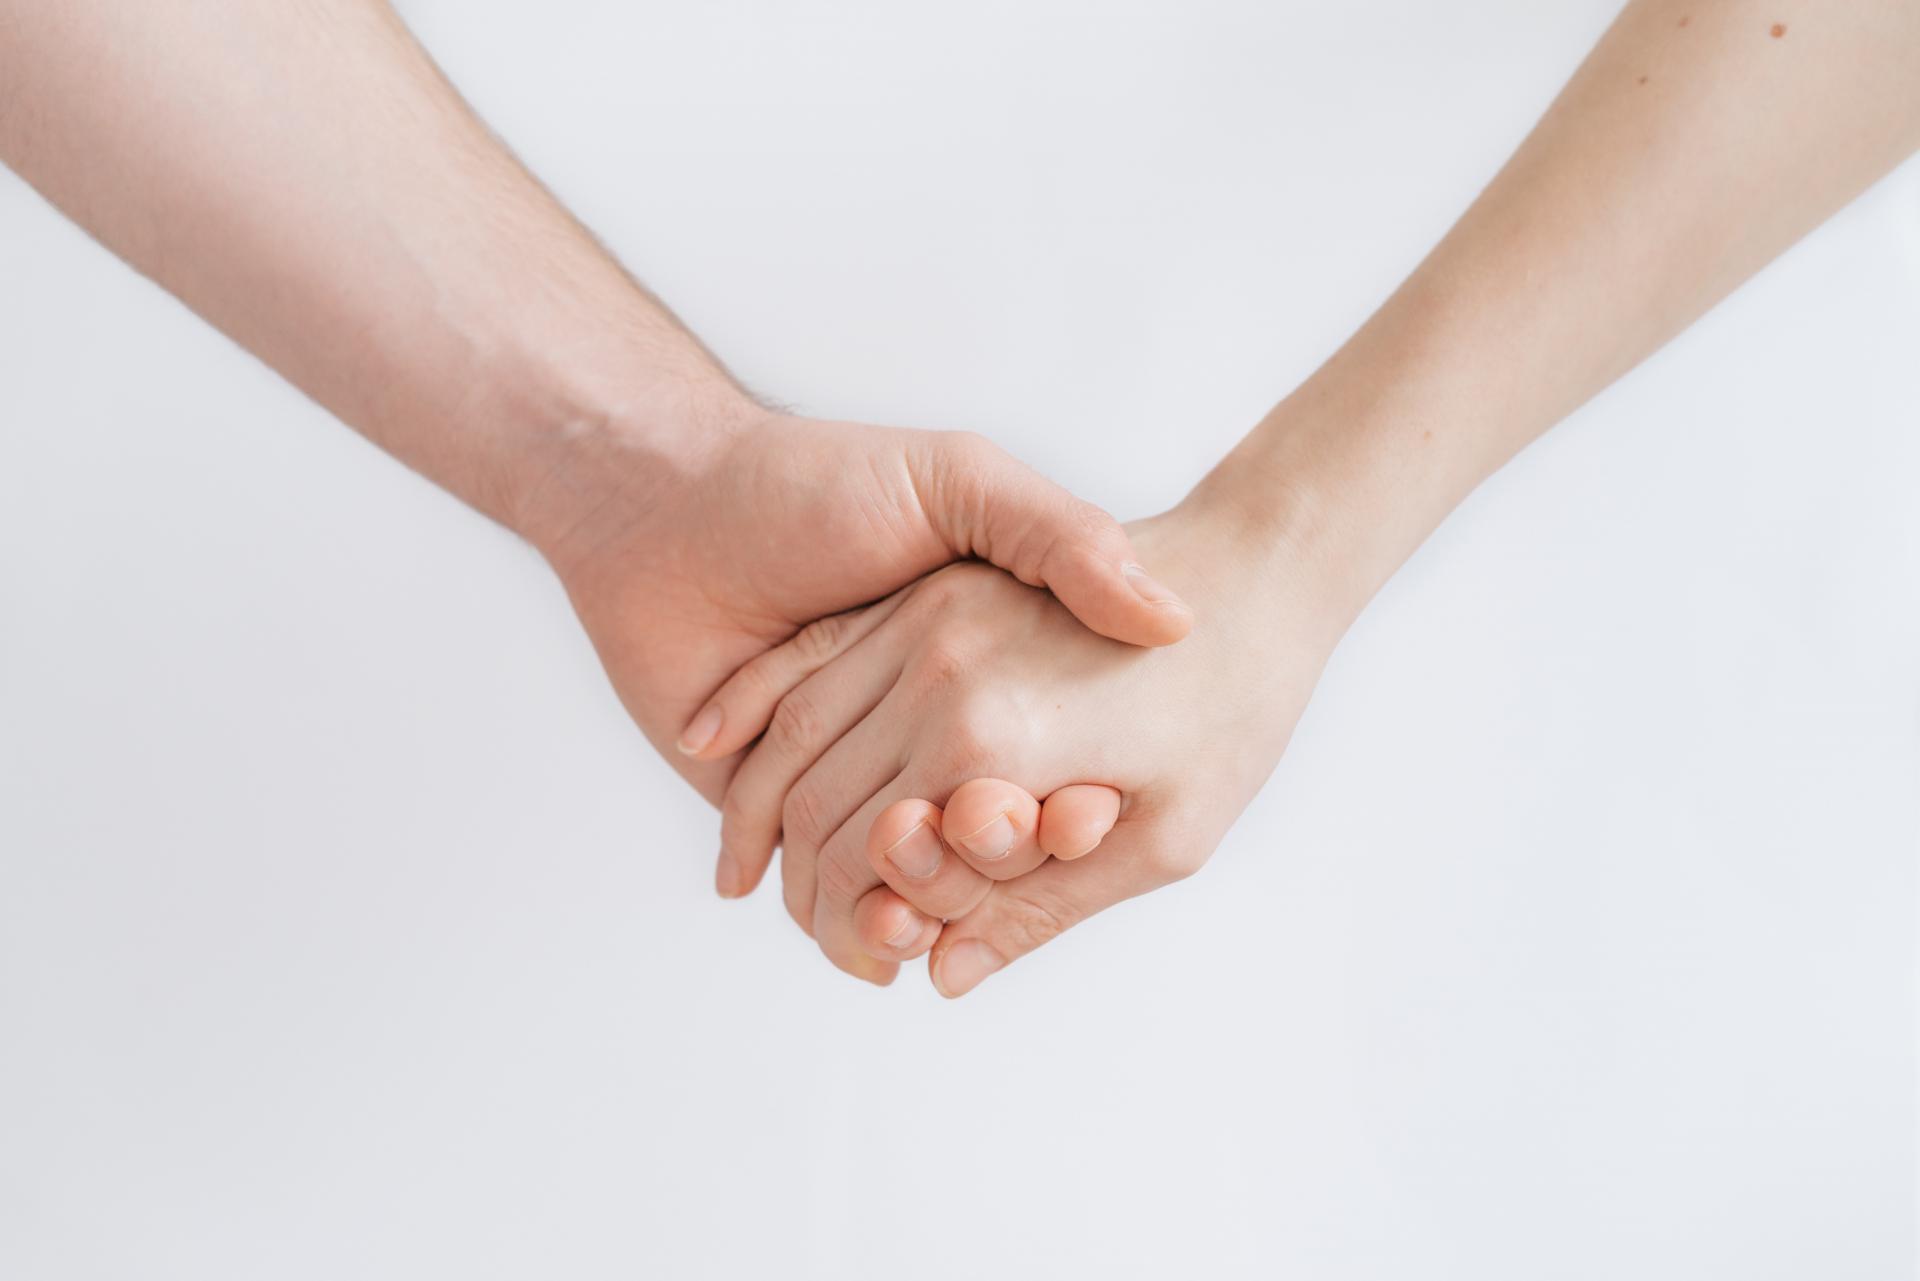 Handen vast